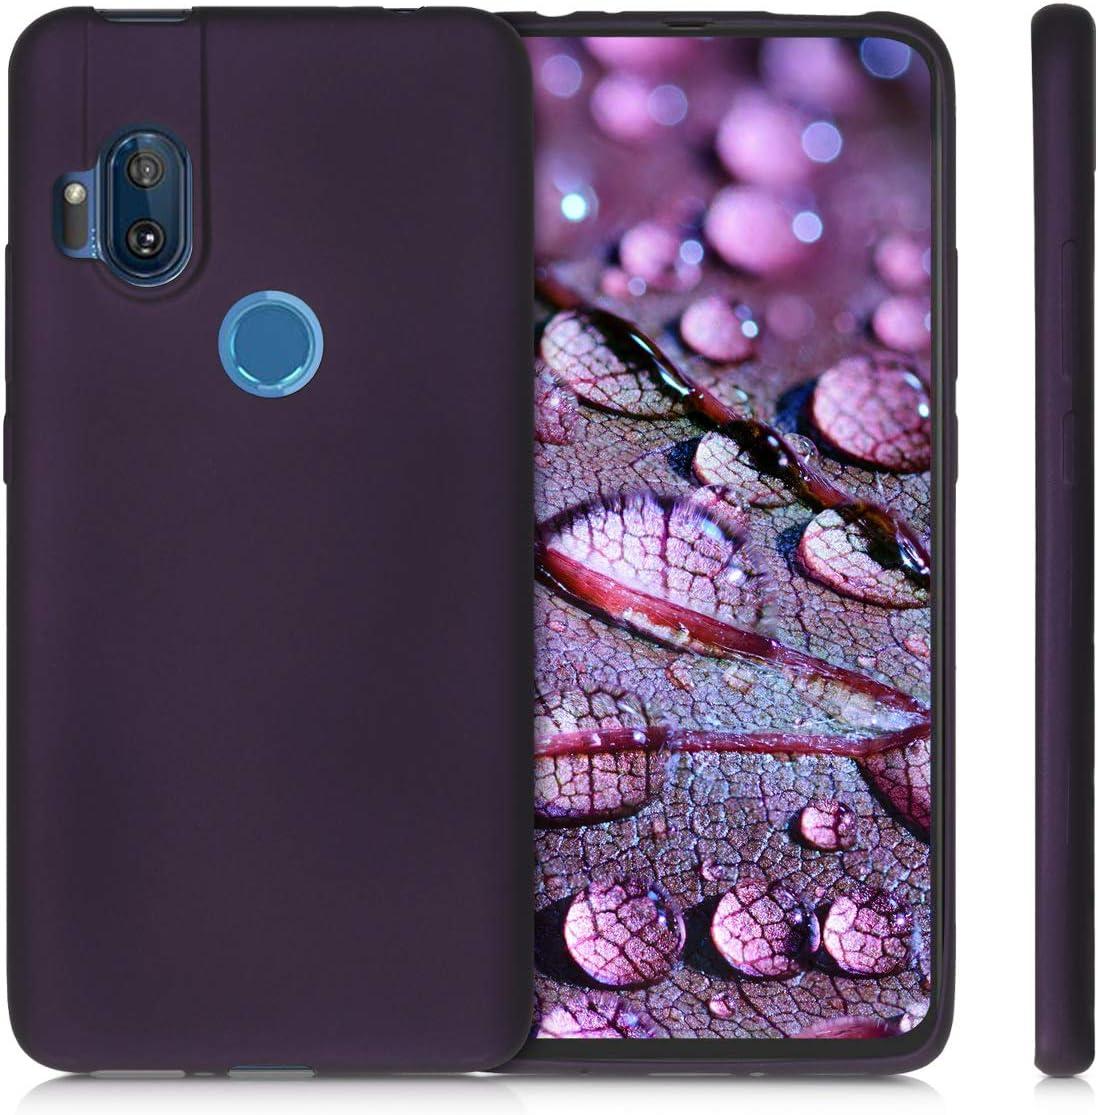 kwmobile Funda Compatible con Motorola One Hyper Carcasa m/óvil de Silicona Protector Trasero en Frambuesa met/álico